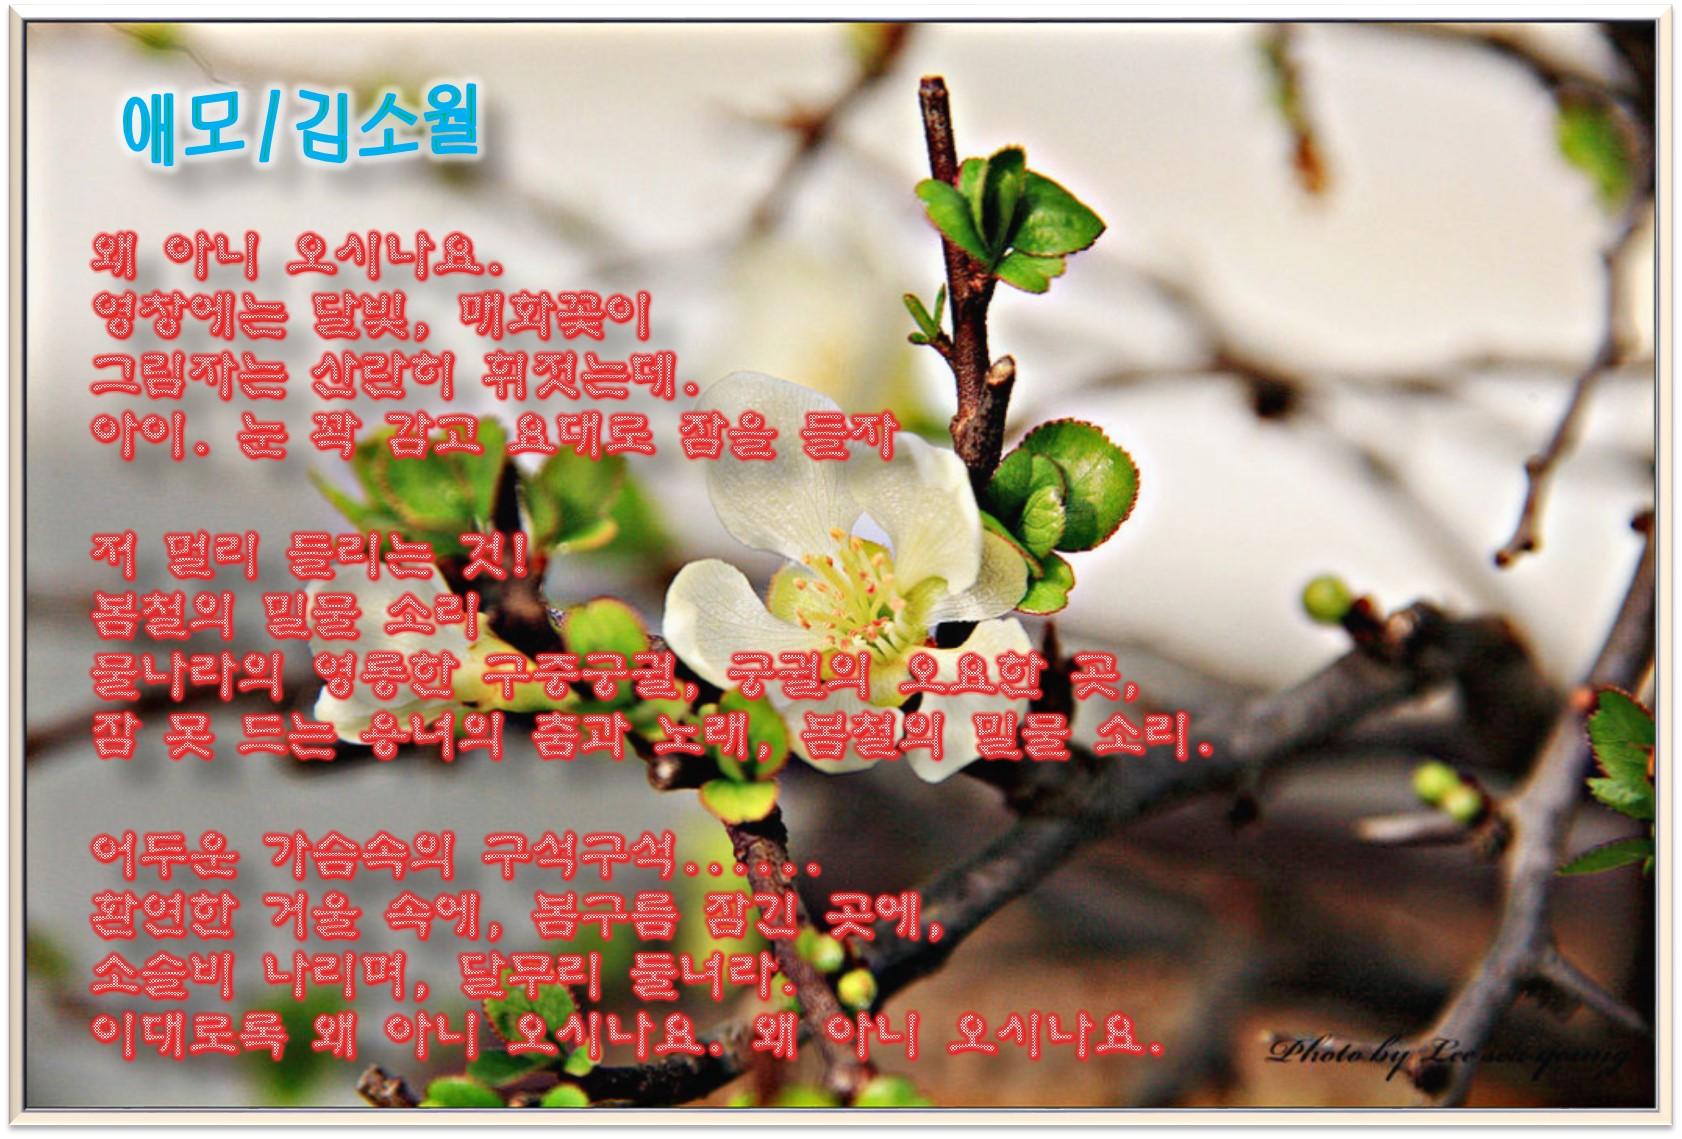 이 글은 파워포인트에서 만든 이미지입니다  애모 / 김소월